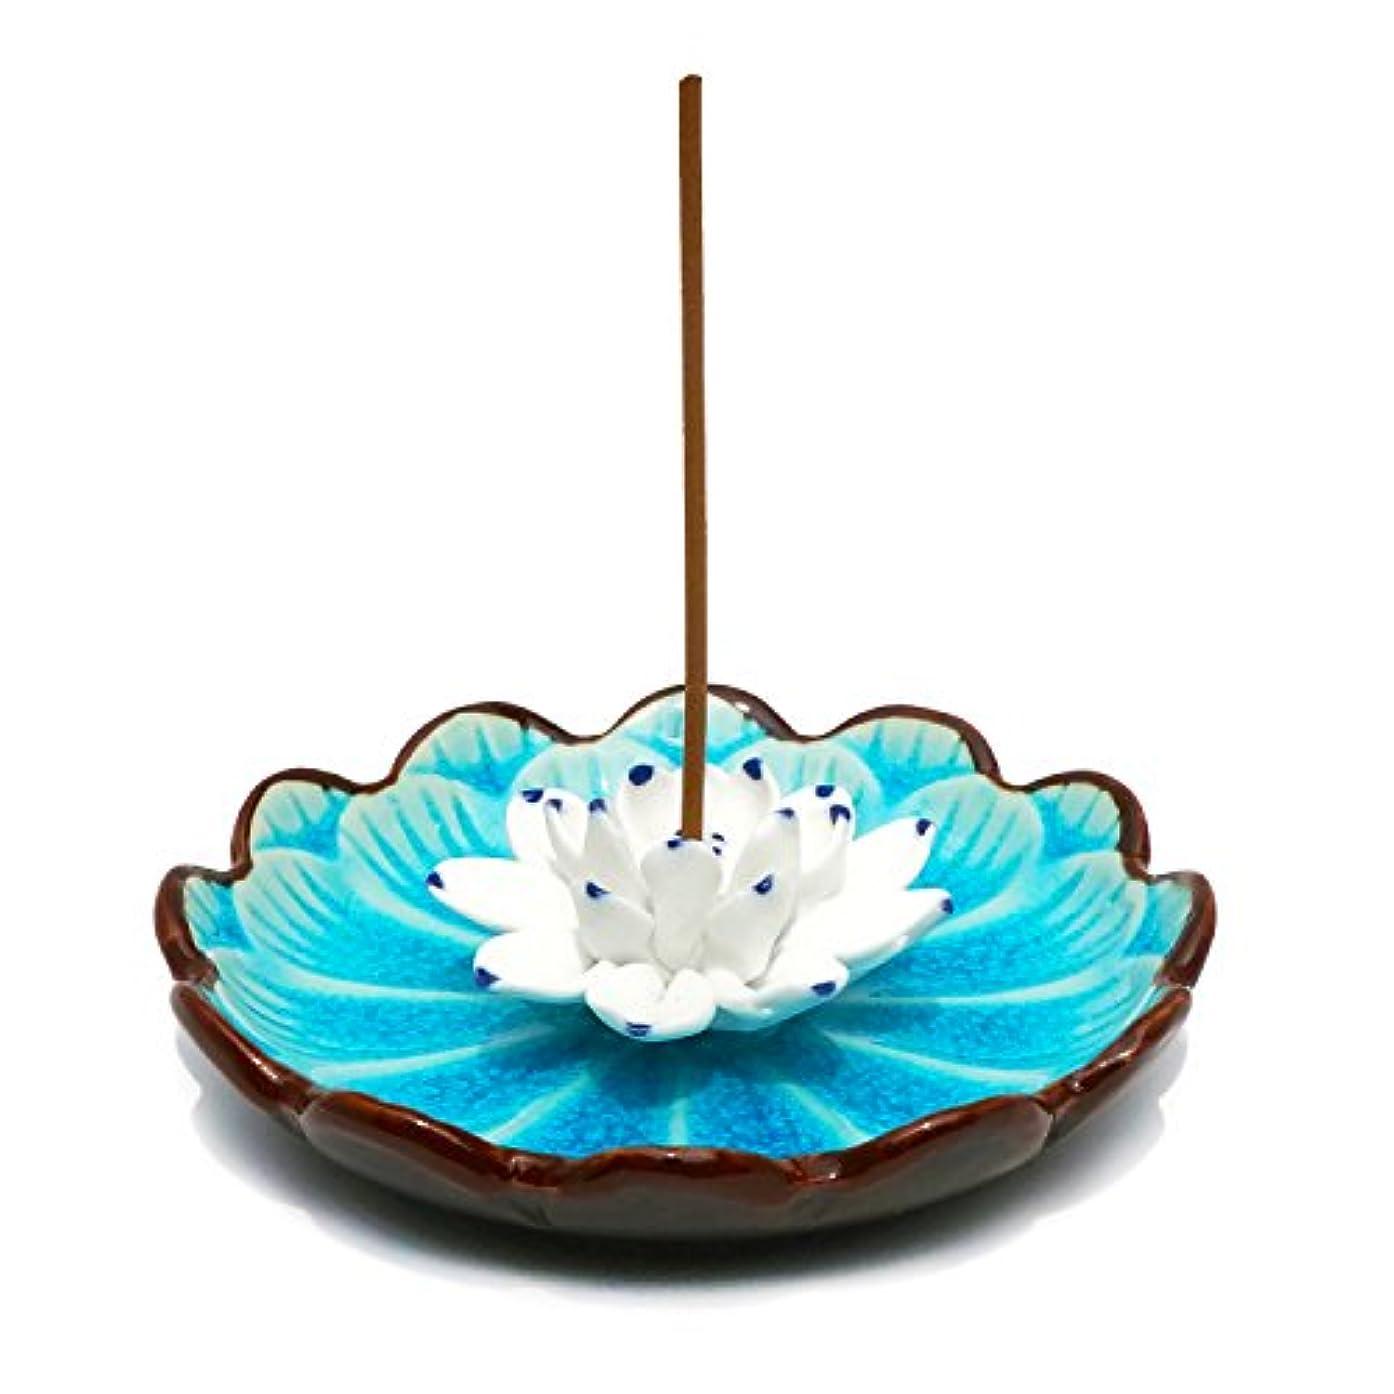 虎機知に富んだあえて(Light Blue) - Incense Stick Burner Holder - Porcelain Decorative Flower Incense Burner Bowl - Ceramic Incense...